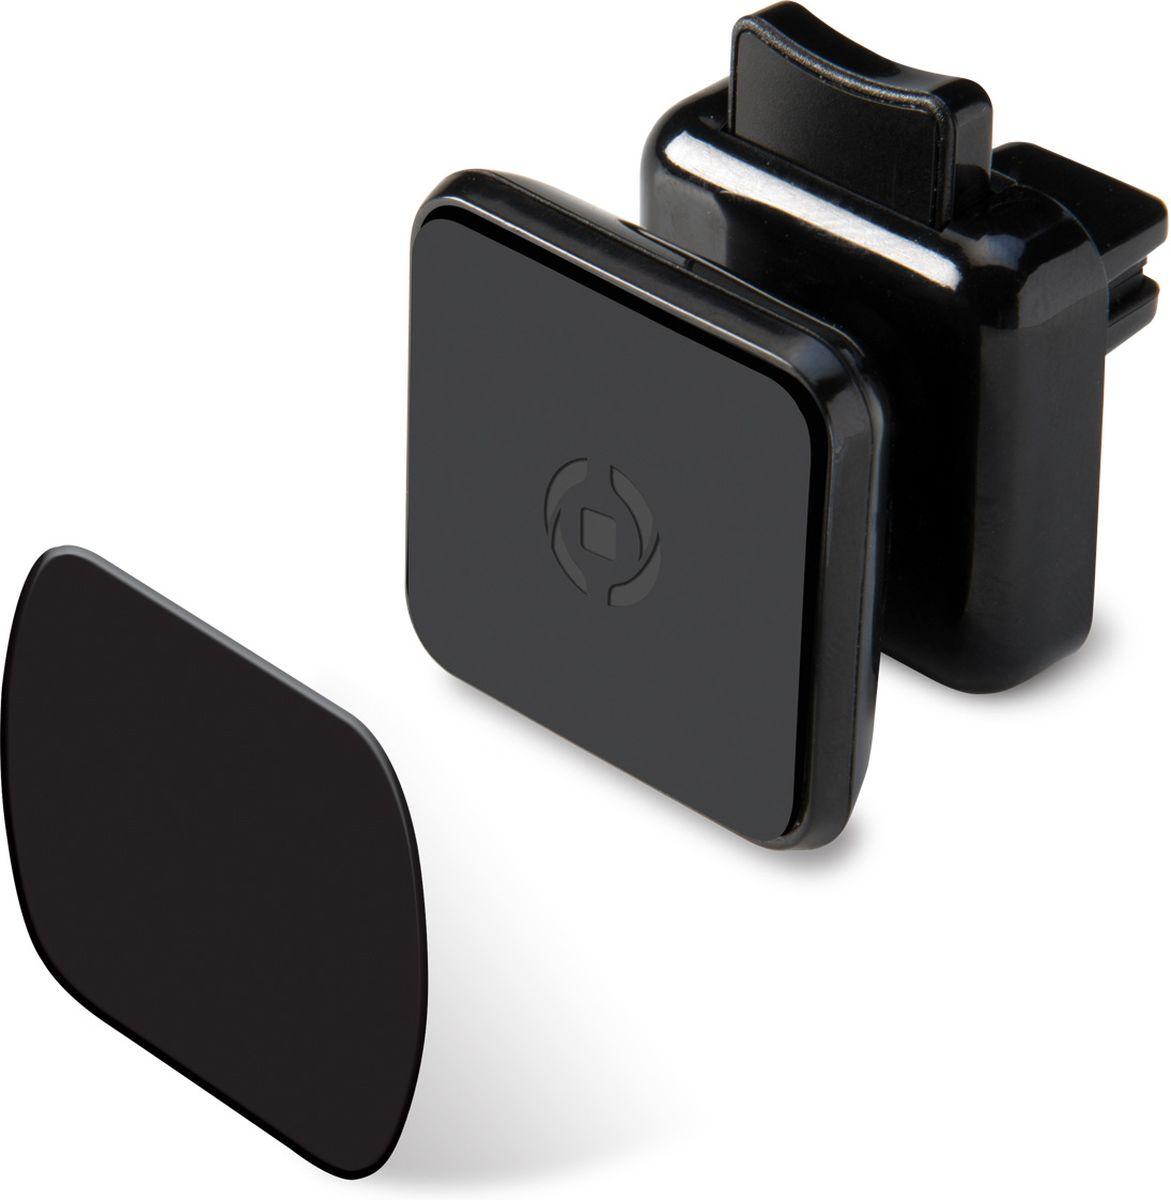 Celly Ghost Plus, Black держатель автомобильный для смартфонаGHOSTPLUSОчень прочный и эксклюзивный дизайн. Celly Ghost Plus - это универсальный автомобиль держатель для вентиляционных отверстий с магнитной системой крепления. Практичное крепление подходит для большинства из вентиляционных решеток авто. Чрезвычайная гибкость достигается благодаря вращающемуся креплению на 360 градусов. Использовать устройство можно как в горизонтальном, так и в вертикальном режиме. В комплекте две металлические пластины с клеевой основой разного размера, которые подойдут на любое устройство с гладкой плоской поверхностью, например: смартфоны, GPS-навигаторы, MP3-плееры и т.д.